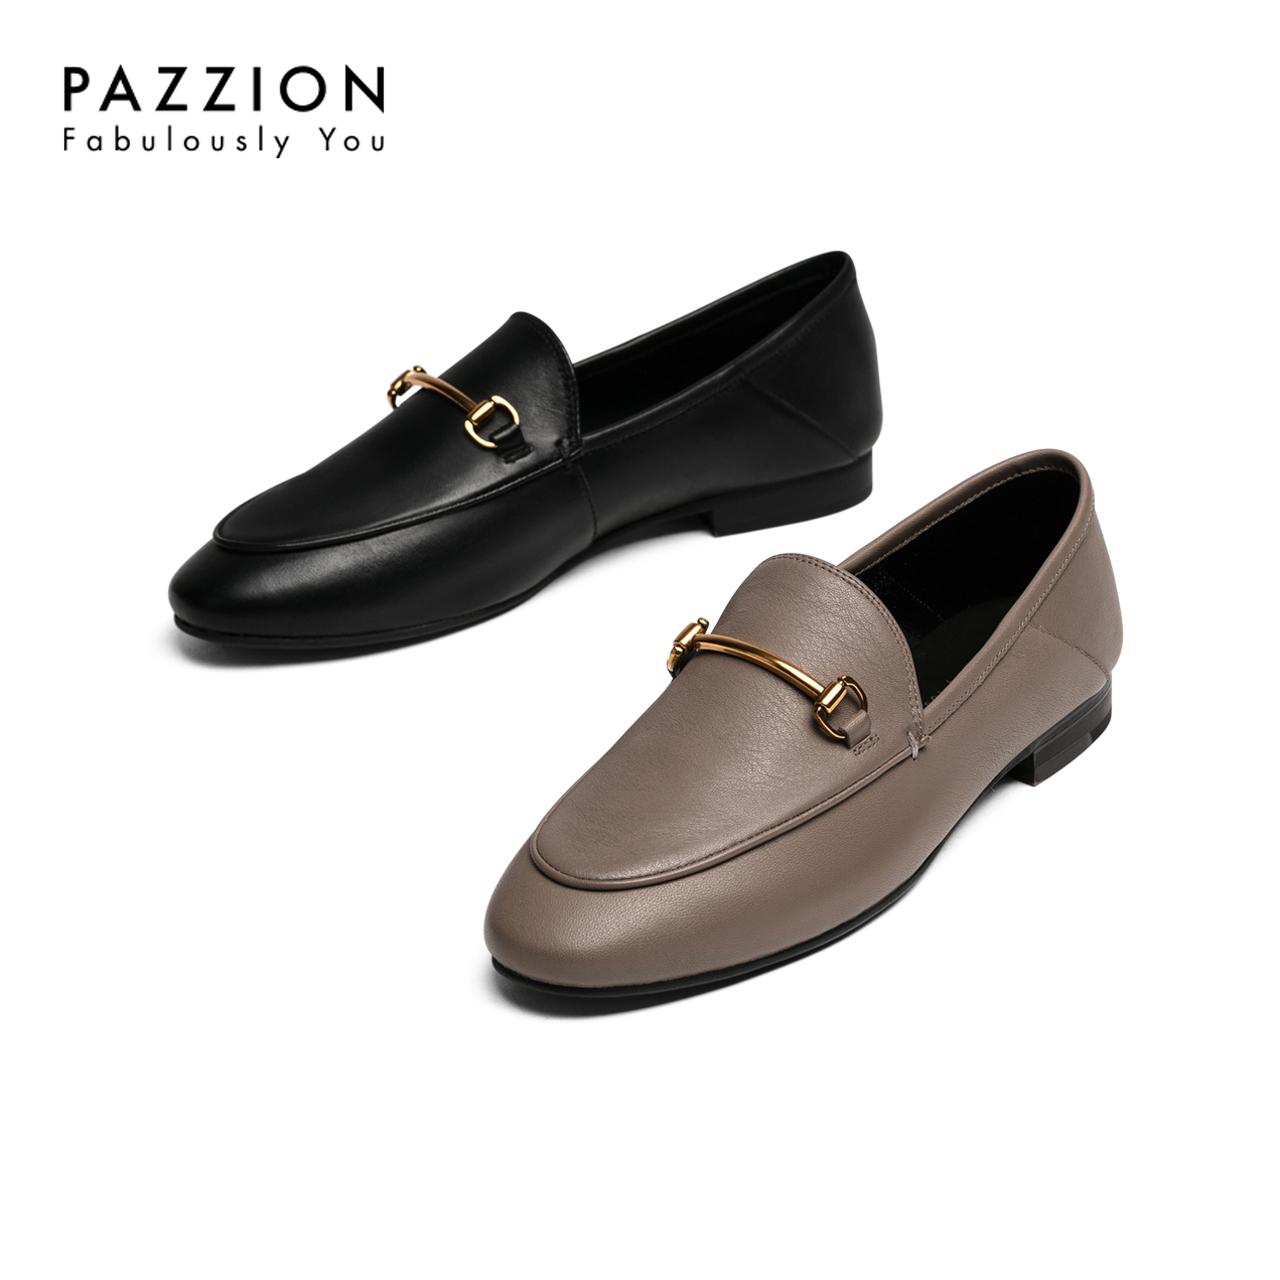 PAZZION新款欧美舒适牛皮粗跟单鞋 休闲圆头马衔扣乐福鞋